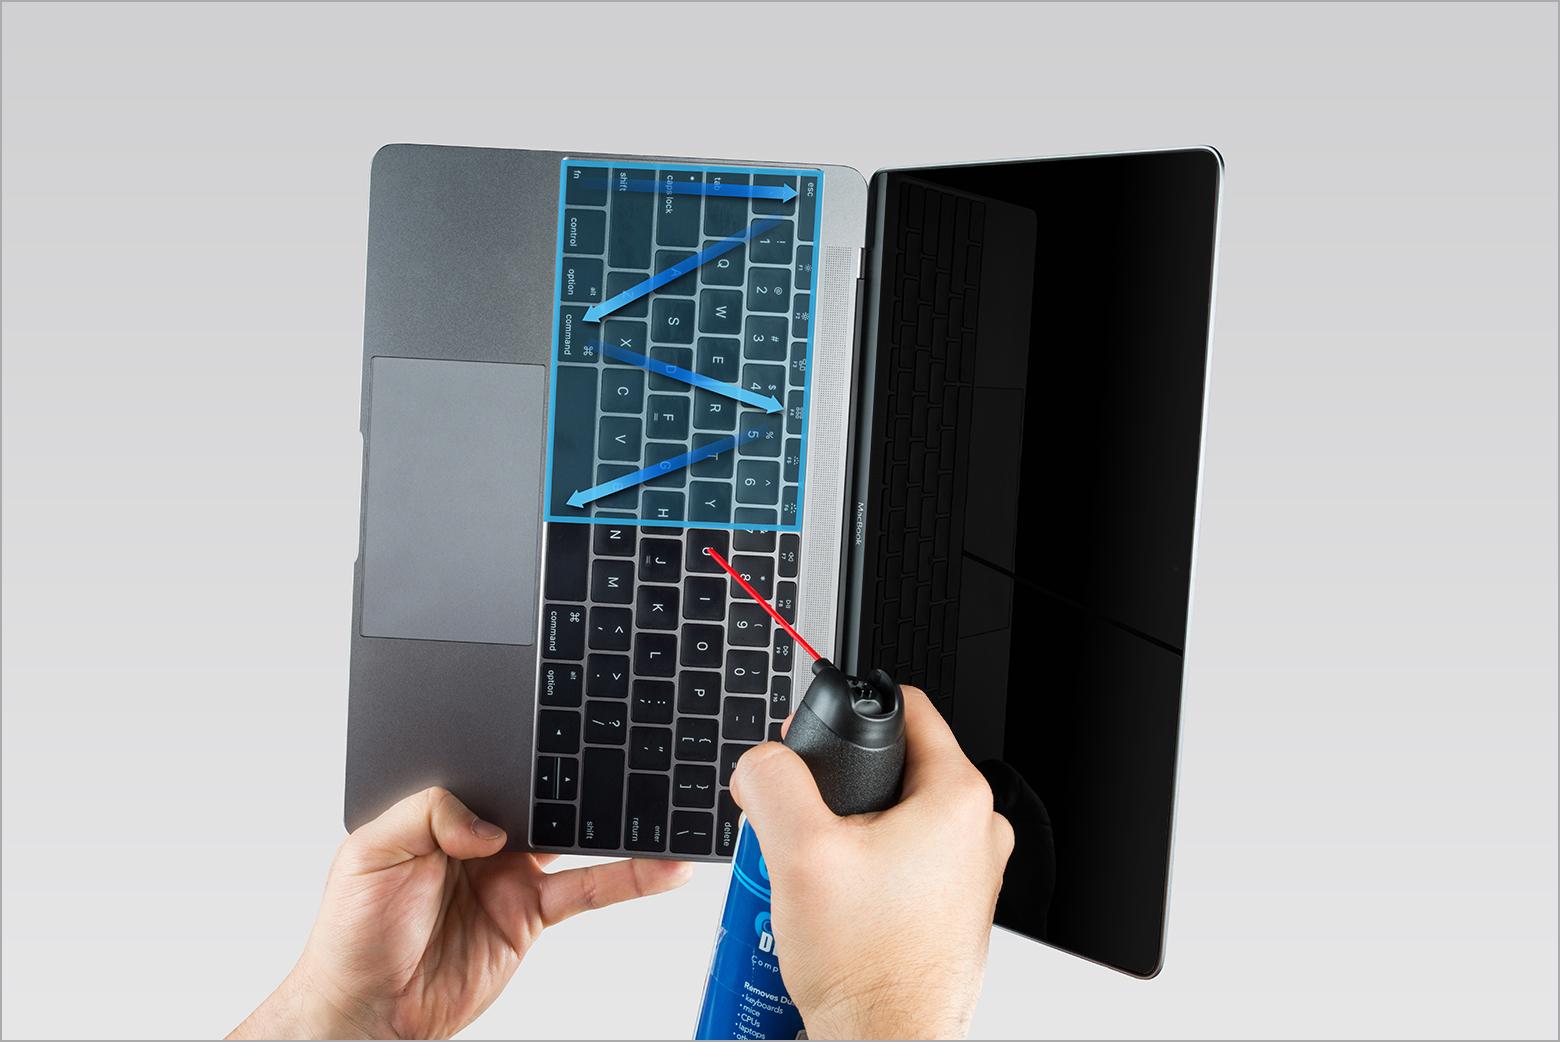 die tastatur ihres macbook oder macbook pro reinigen apple support. Black Bedroom Furniture Sets. Home Design Ideas